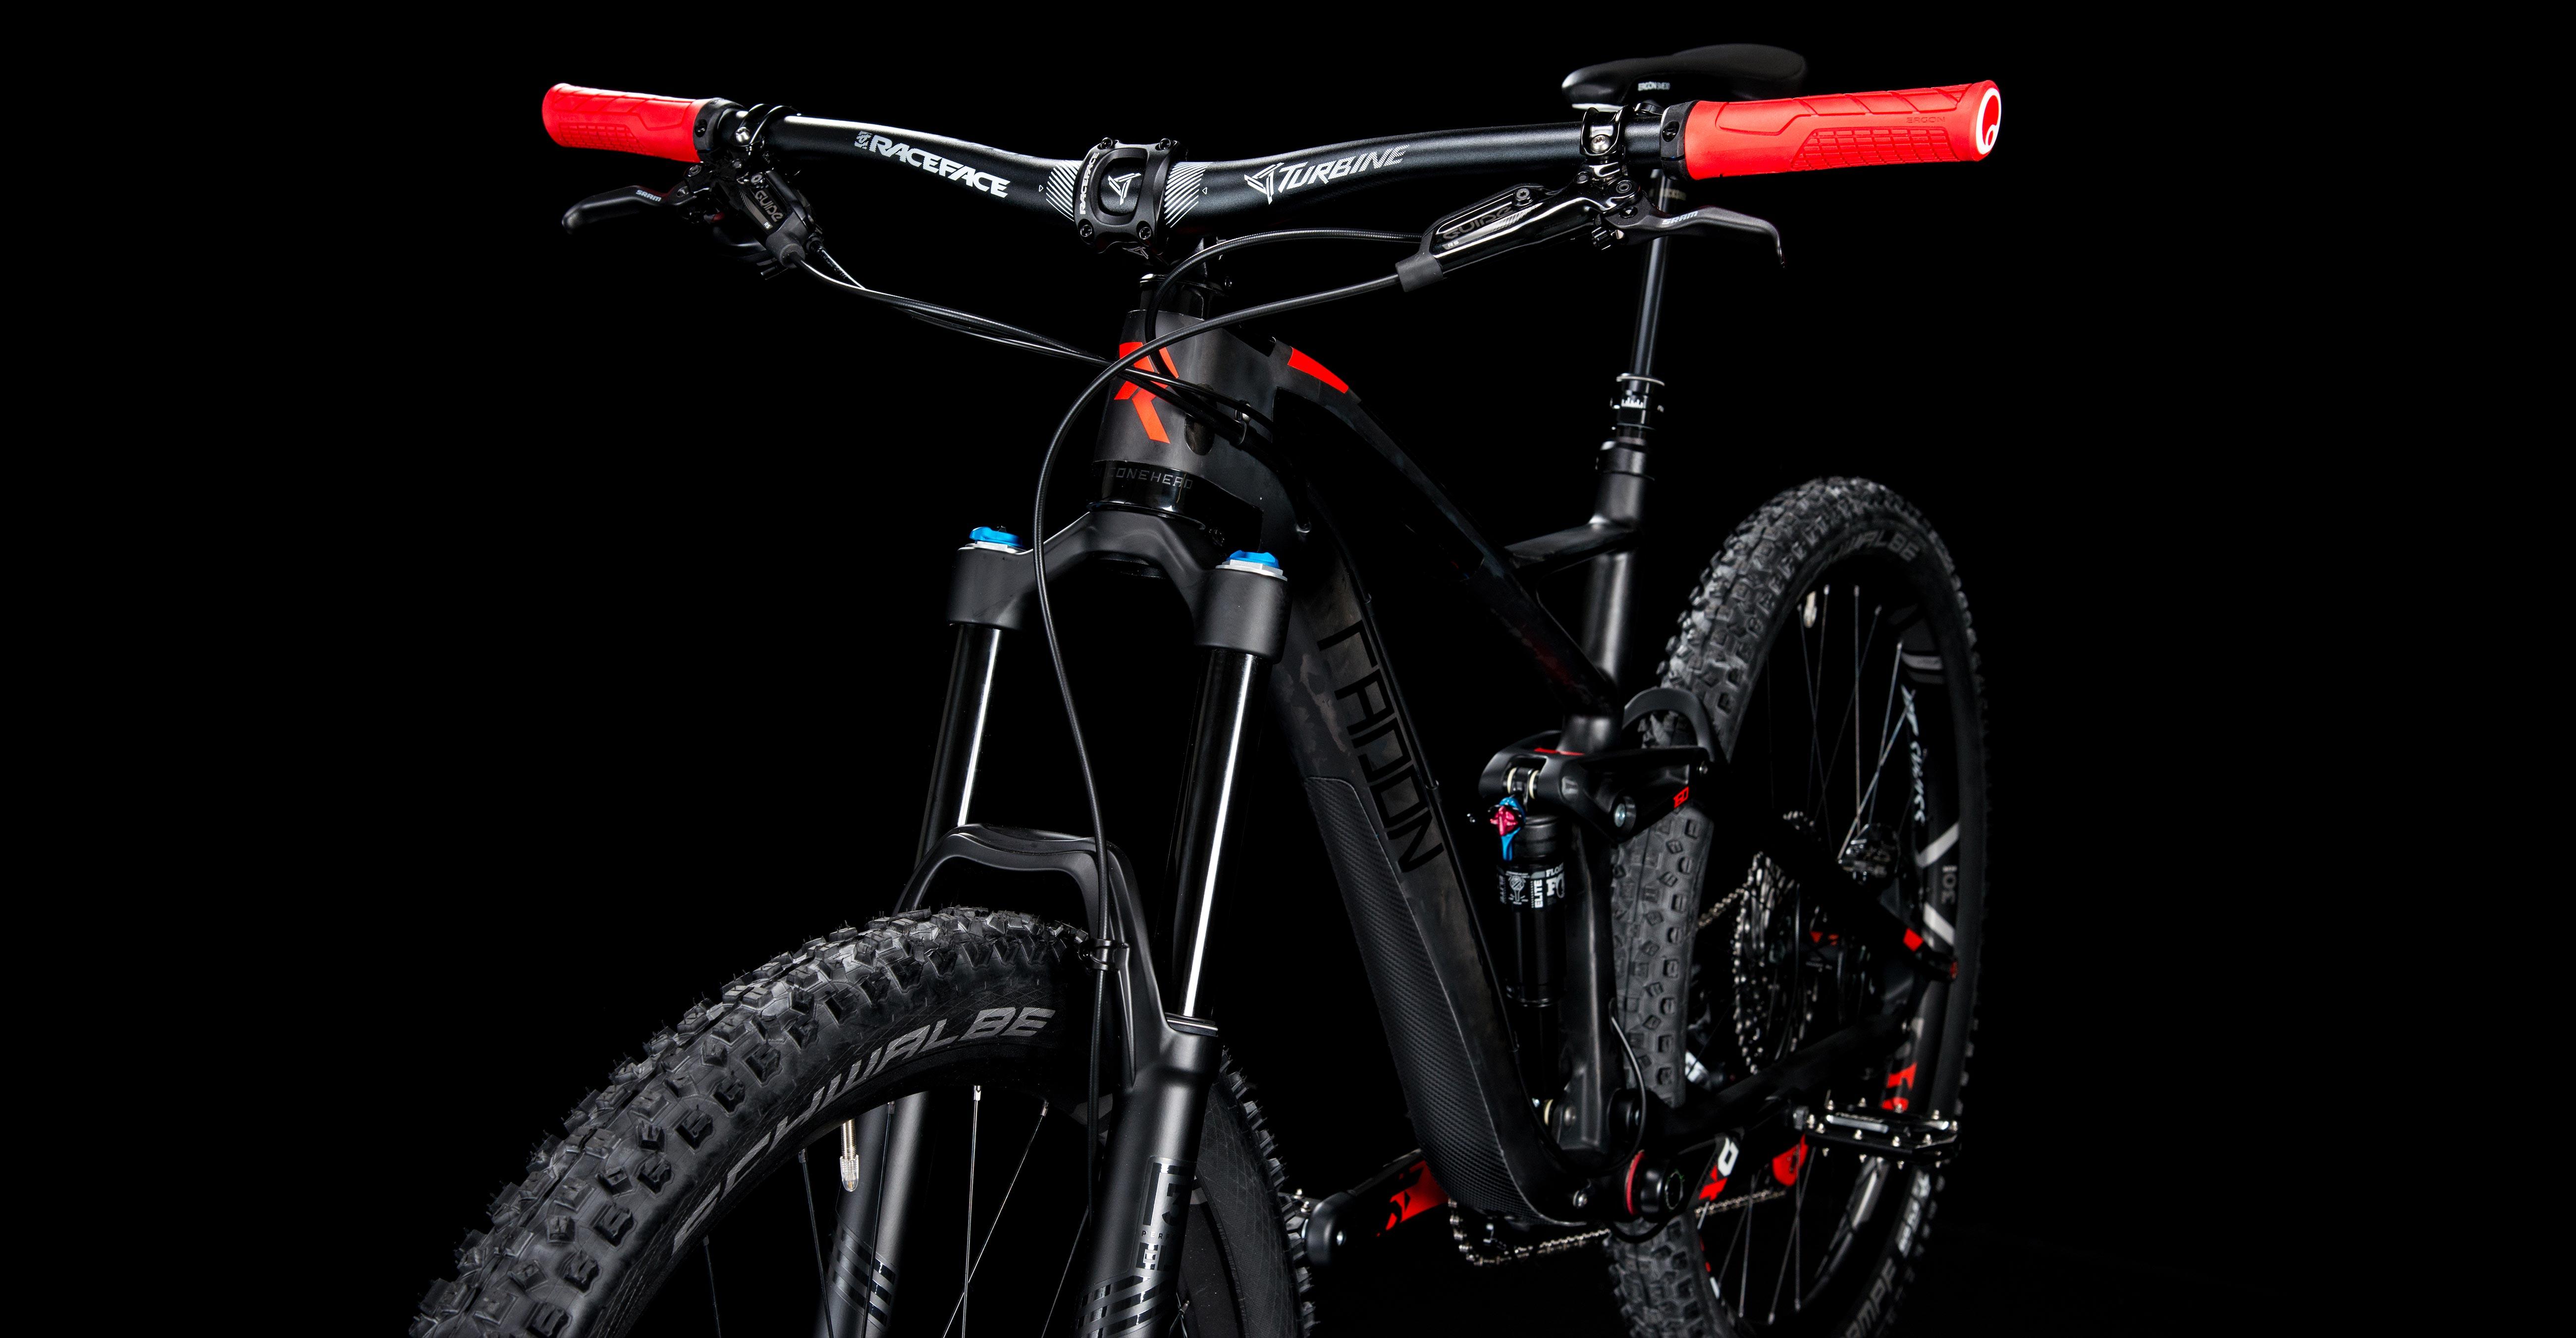 slide carbon 160 10 0 radon bikes. Black Bedroom Furniture Sets. Home Design Ideas